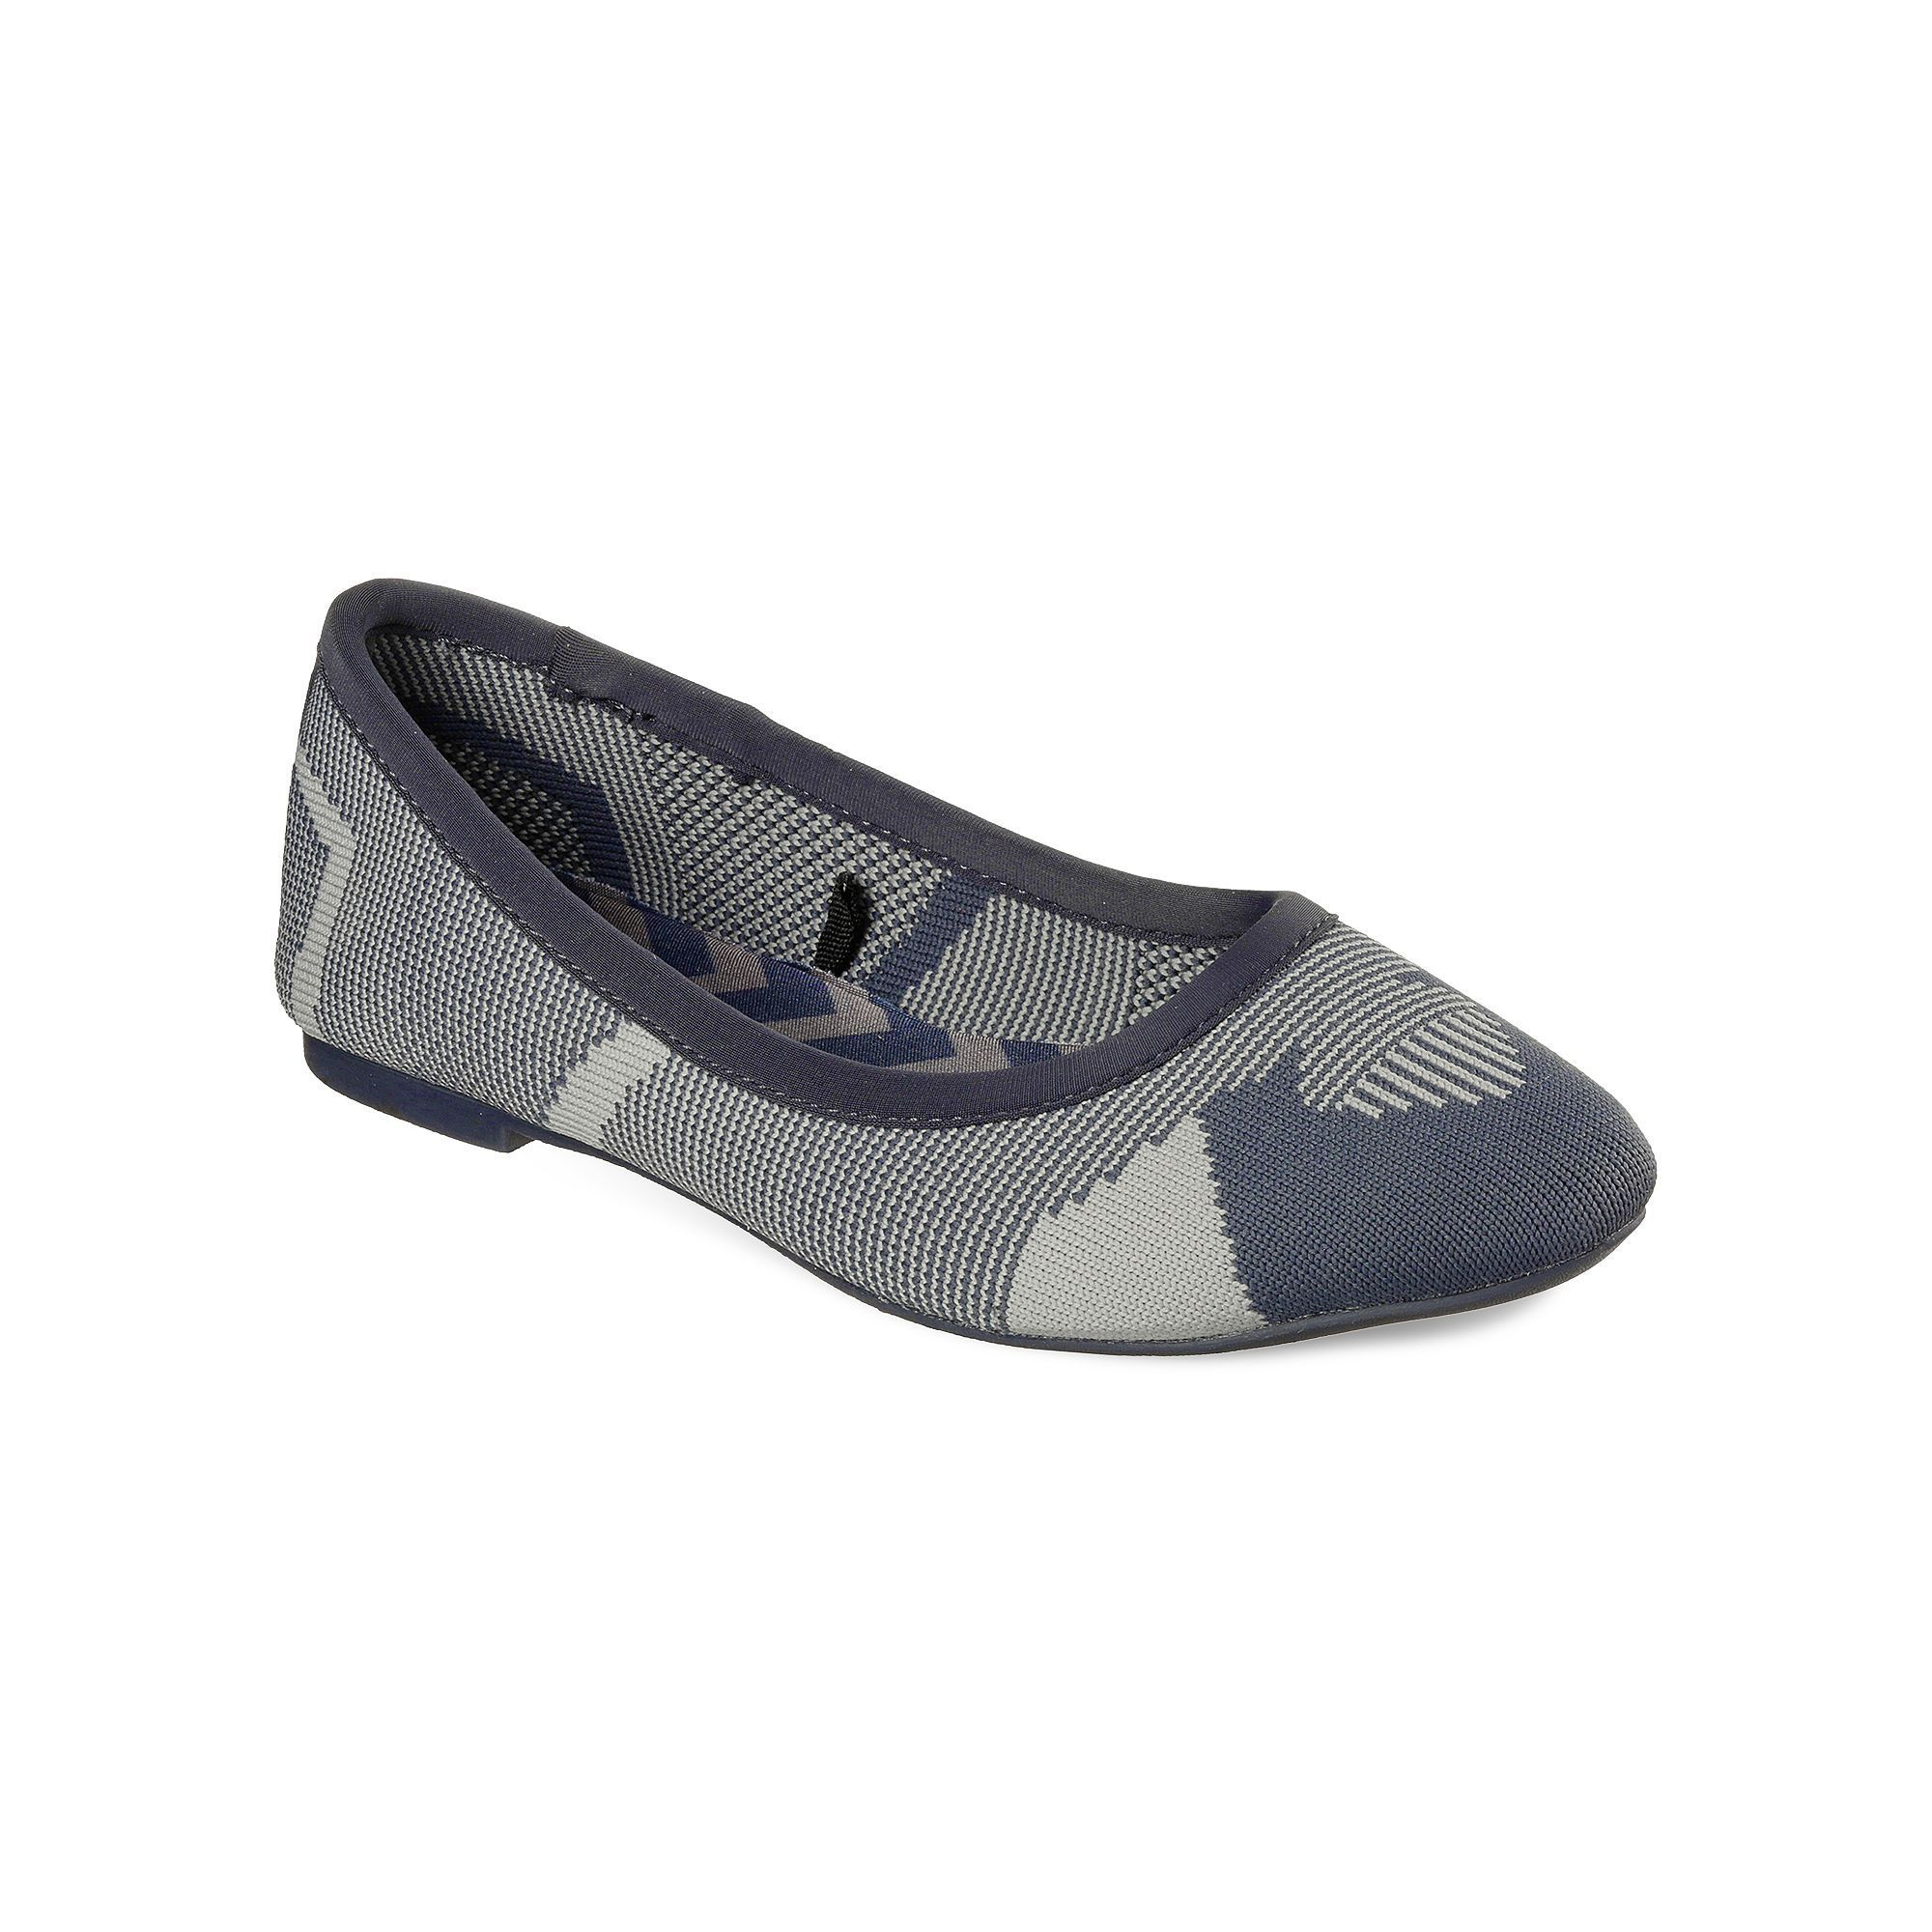 Skechers Cleo Wham Women's Ballet Flats | Ballet flats